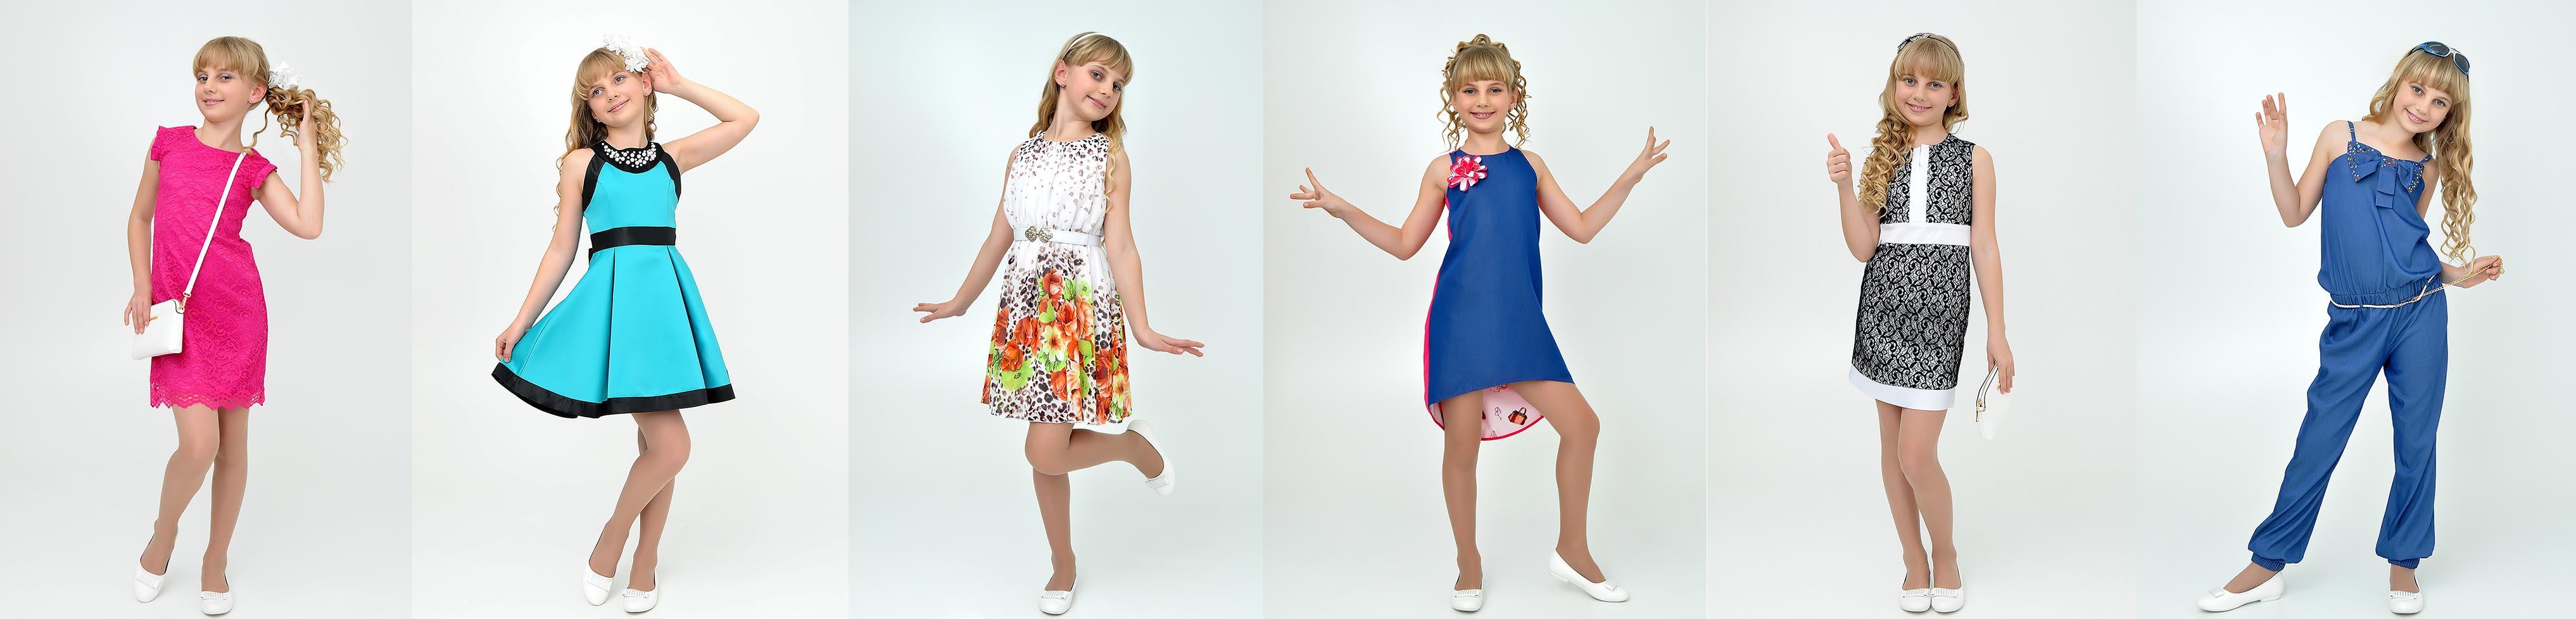 Сбор заказов. Готовимся к выпускным! Нарядные и повседневные платья высокого качества от Ладетто. Новая коллекция